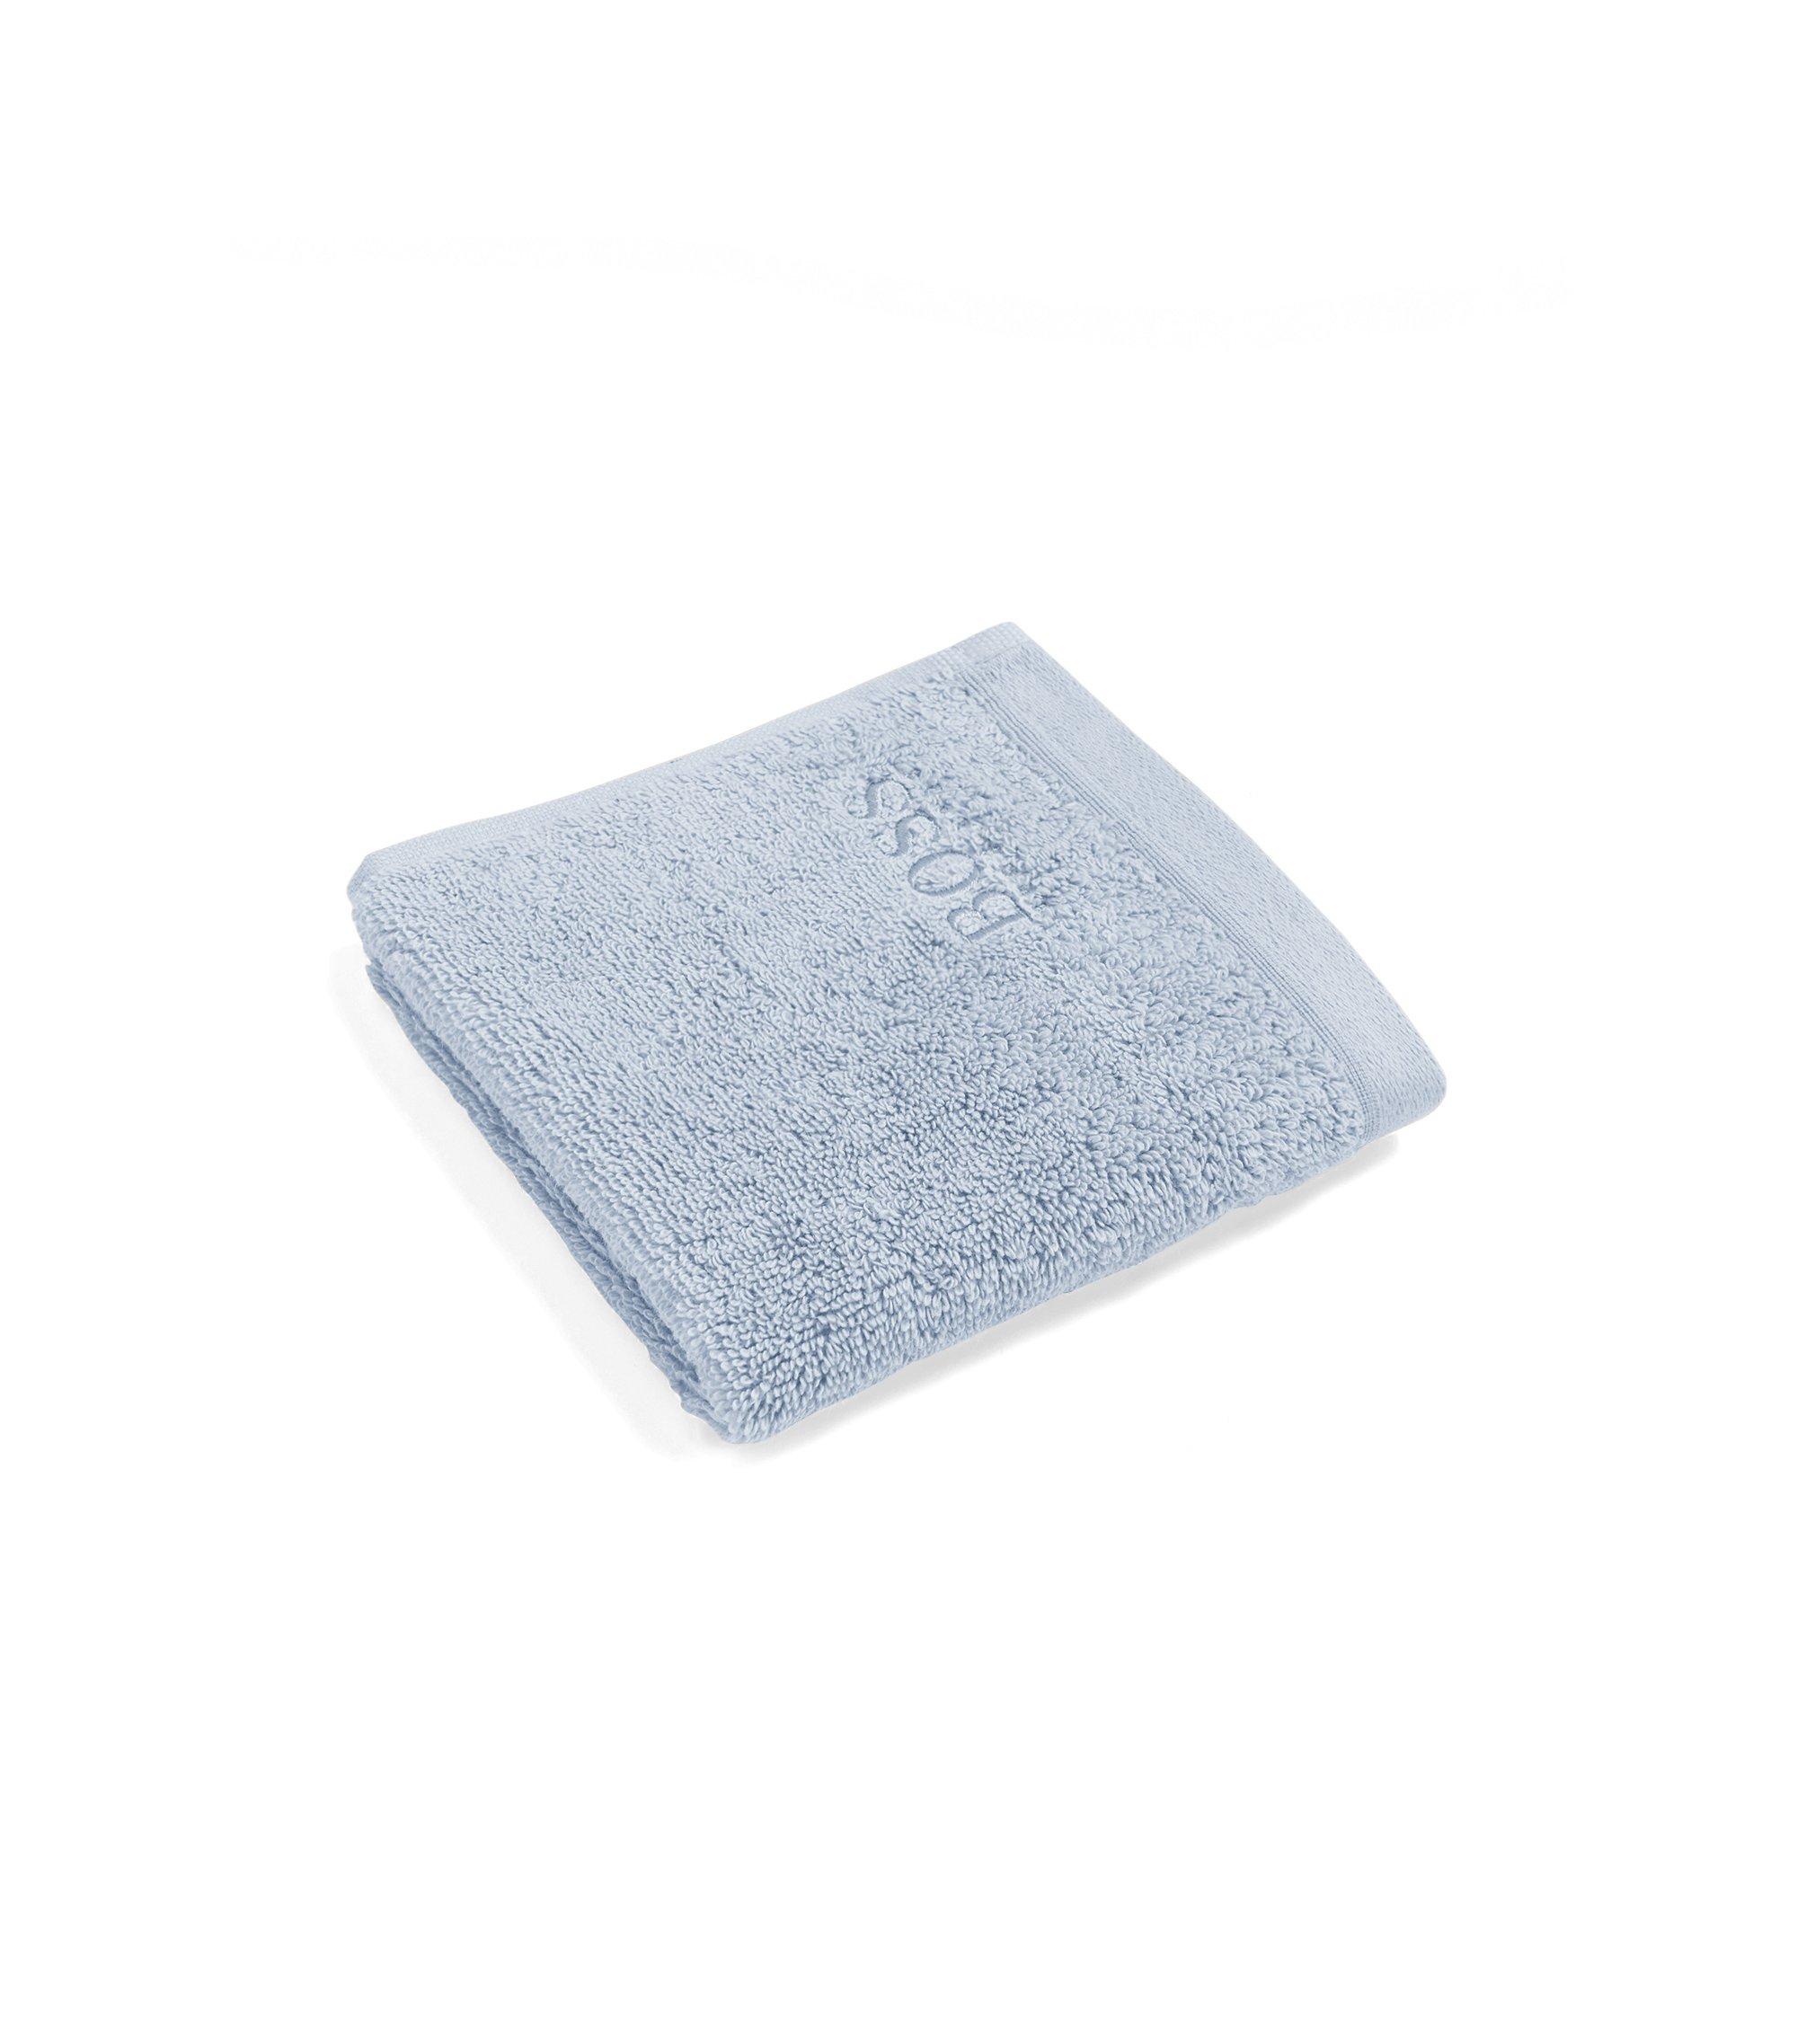 Serviette de toilette pour le visage en coton peigné de la mer Égée, Bleu vif